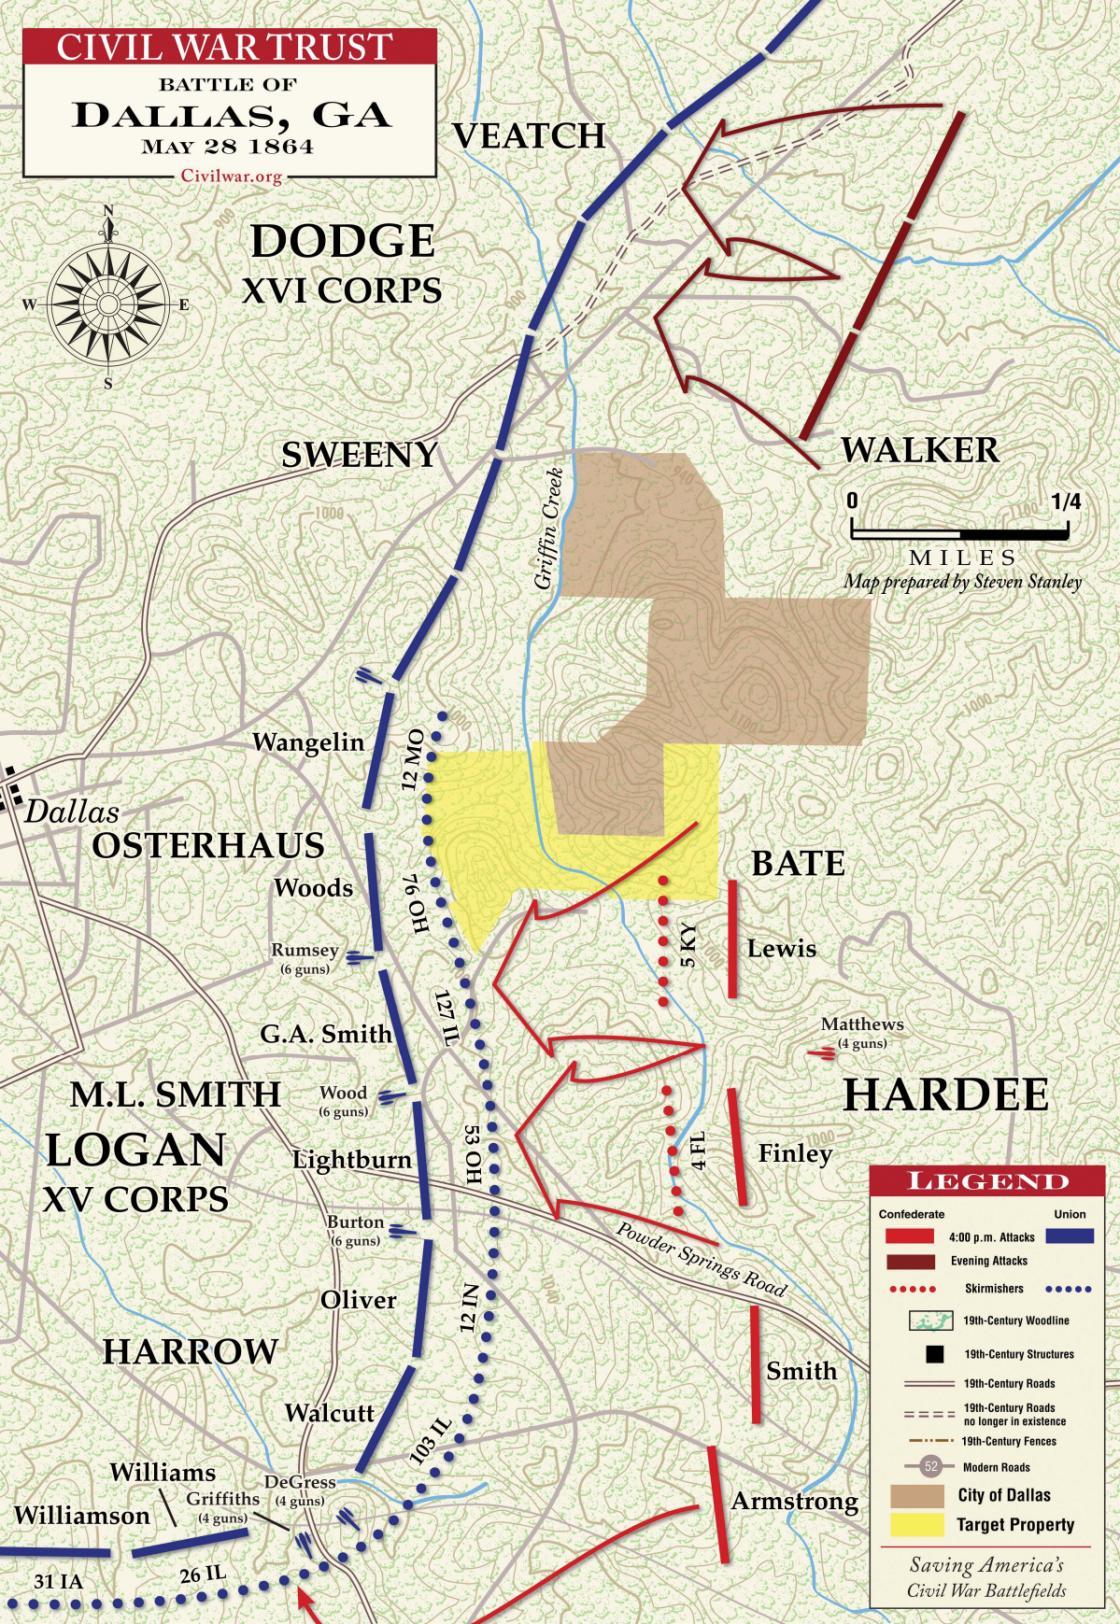 Dallas - May 28, 1864